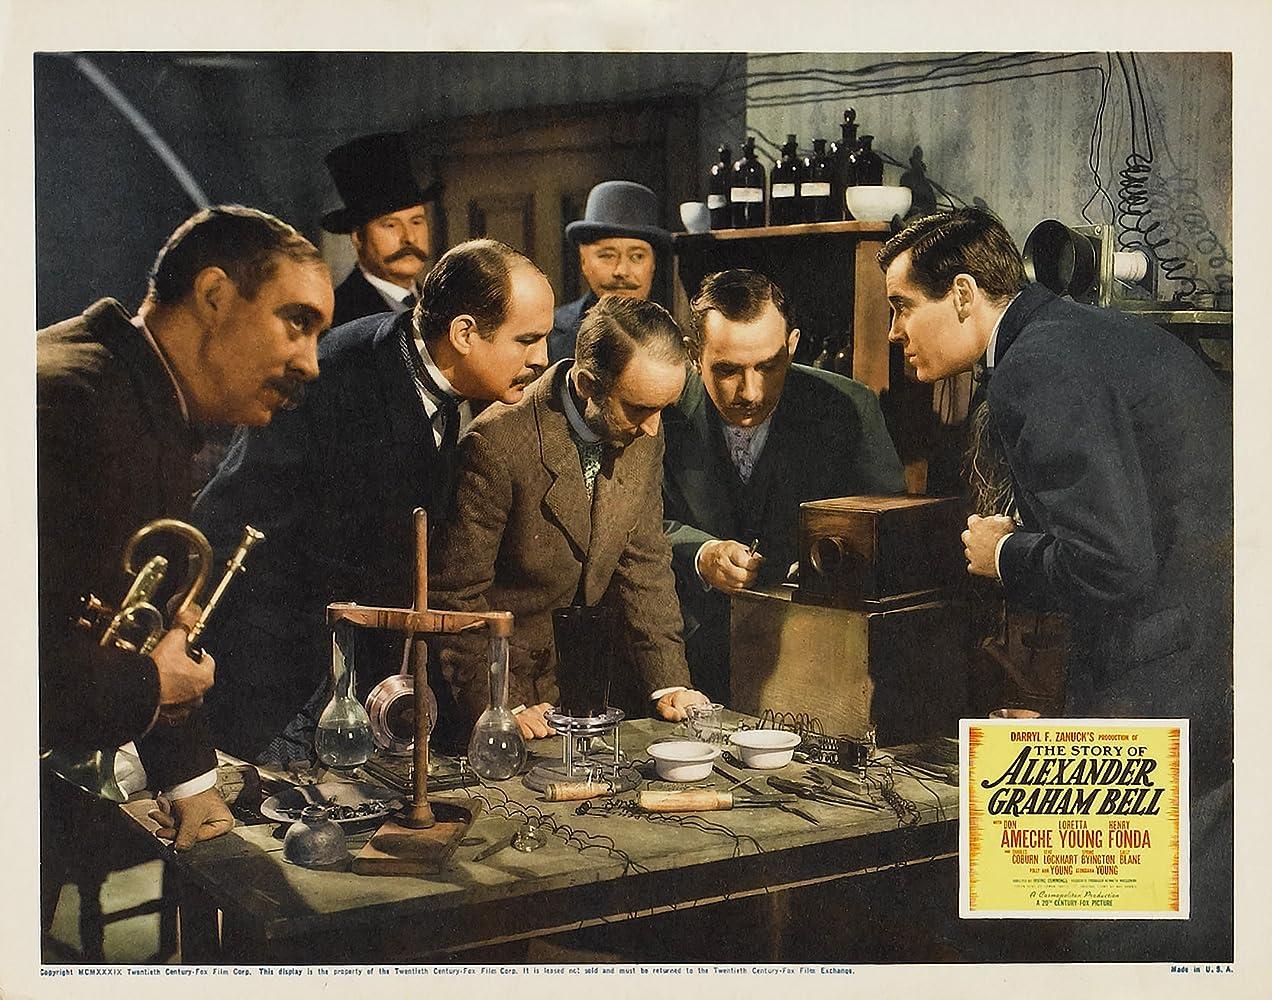 Henry Fonda in The Story of Alexander Graham Bell 1939